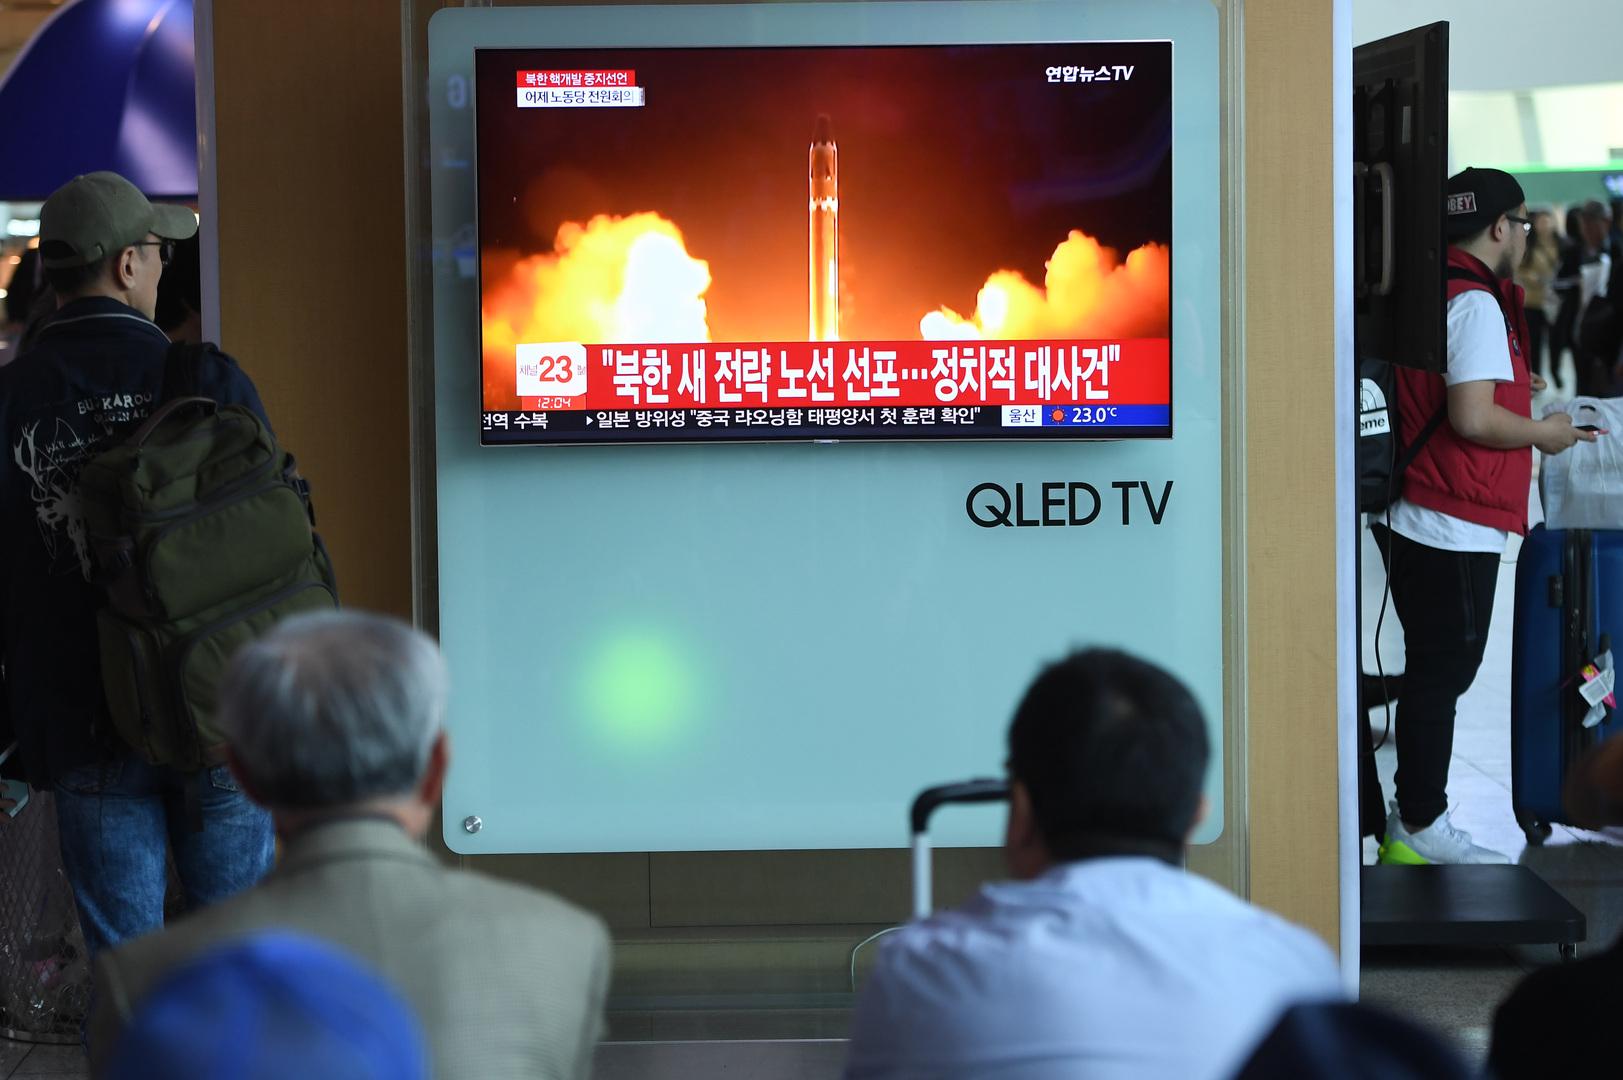 كوريا الشمالية تطلق صاروخين مجهولين من ساحلها الشرقي!